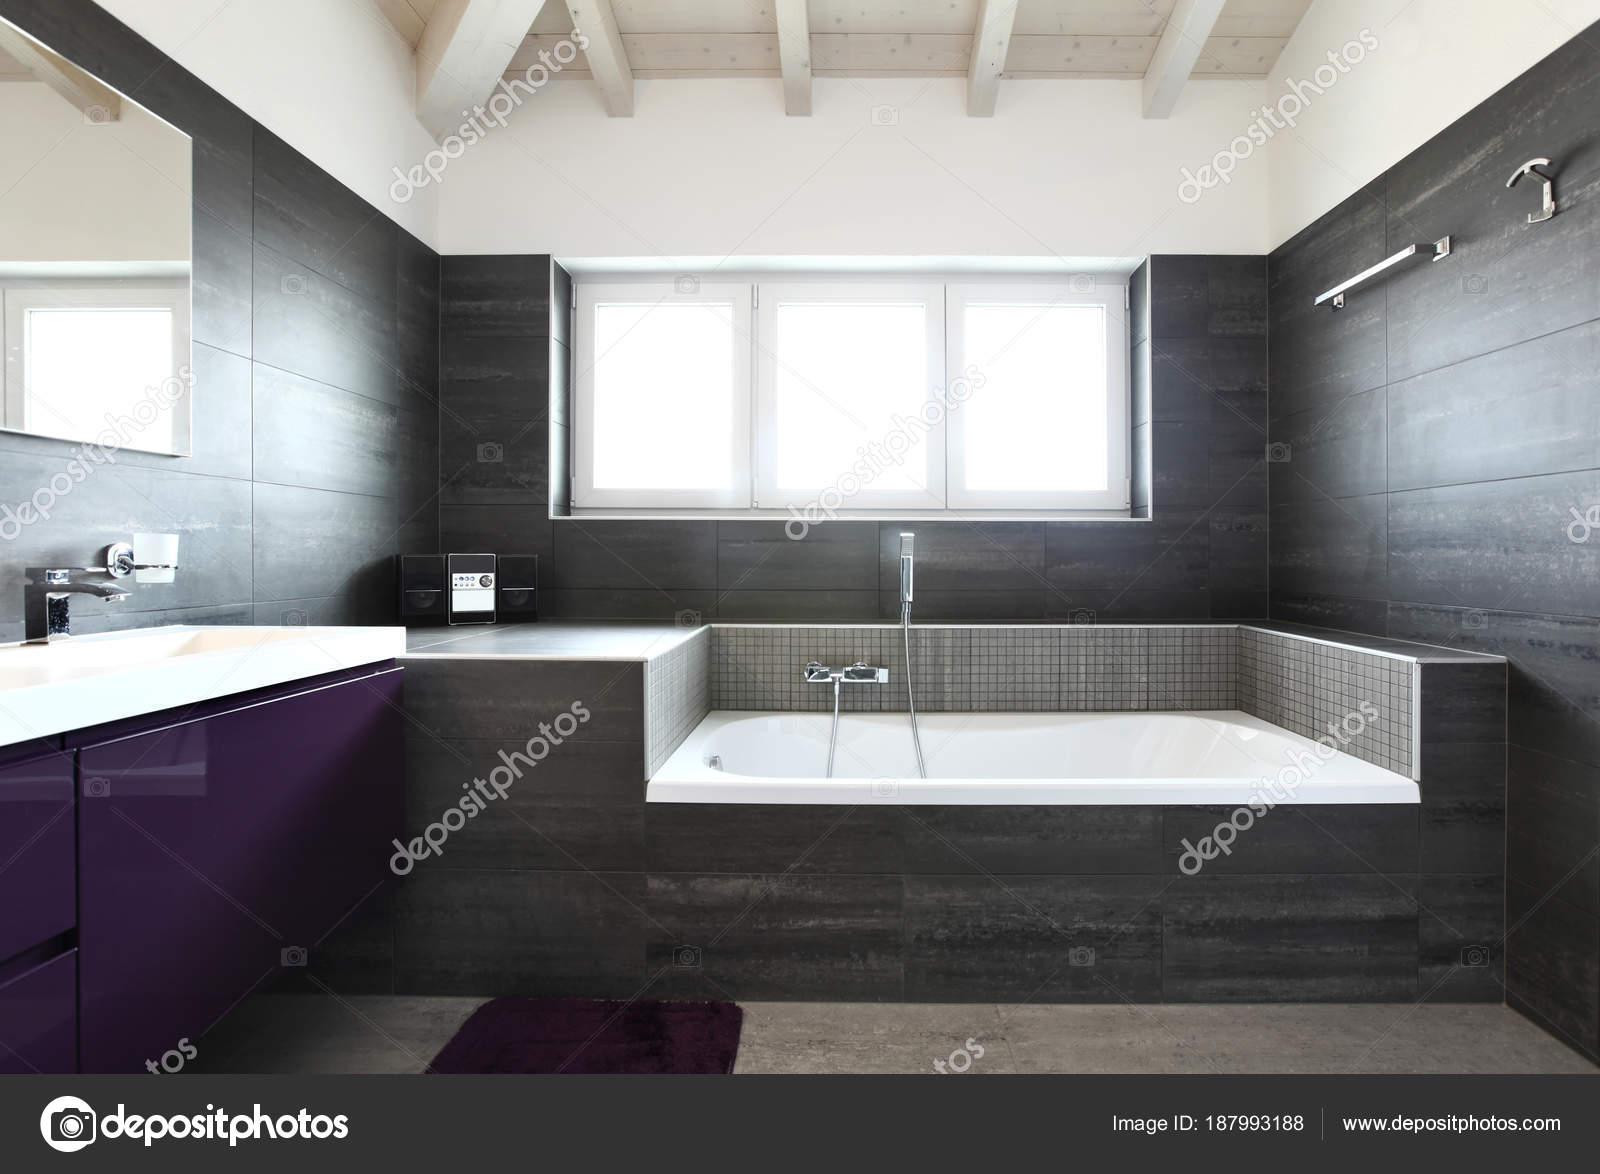 Badezimmer mit grauen Fliesen, elegant und modern ...